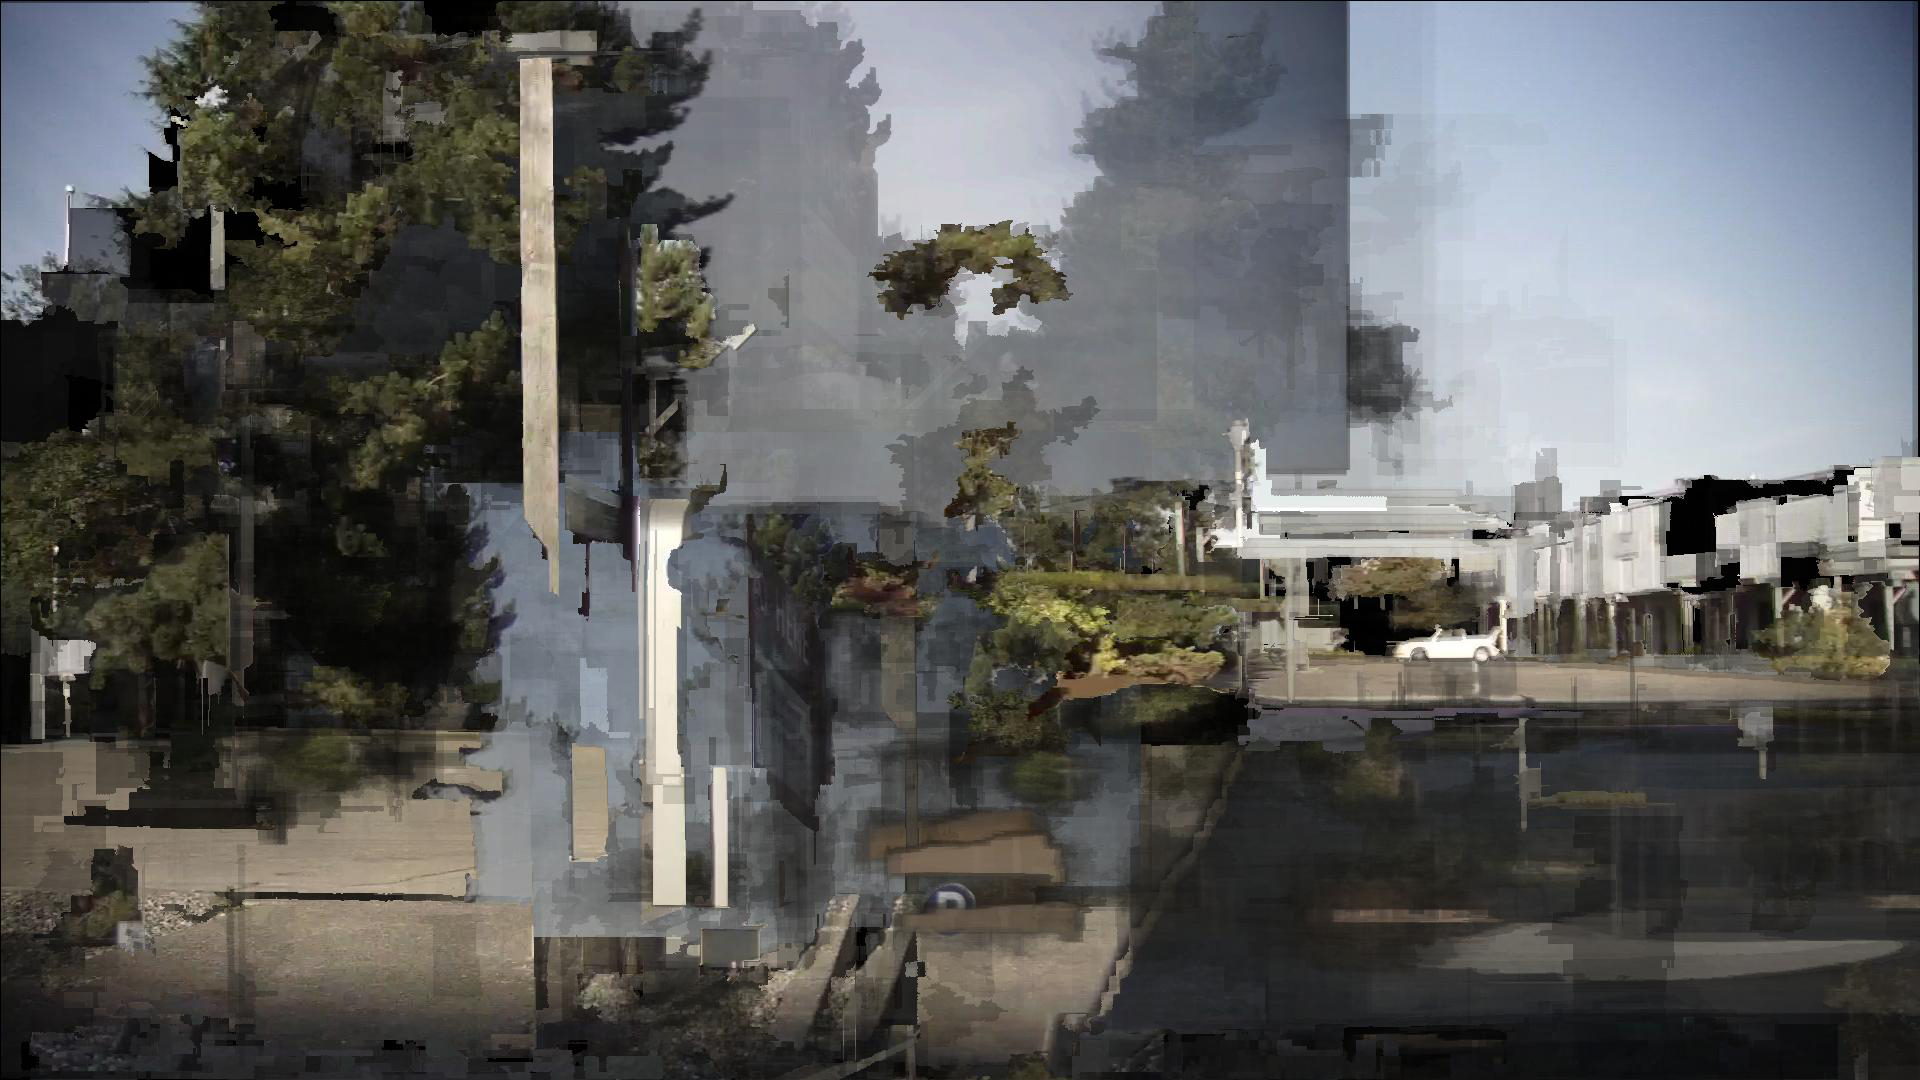 ©, Ben Bogart, Self-Organized Landscapes